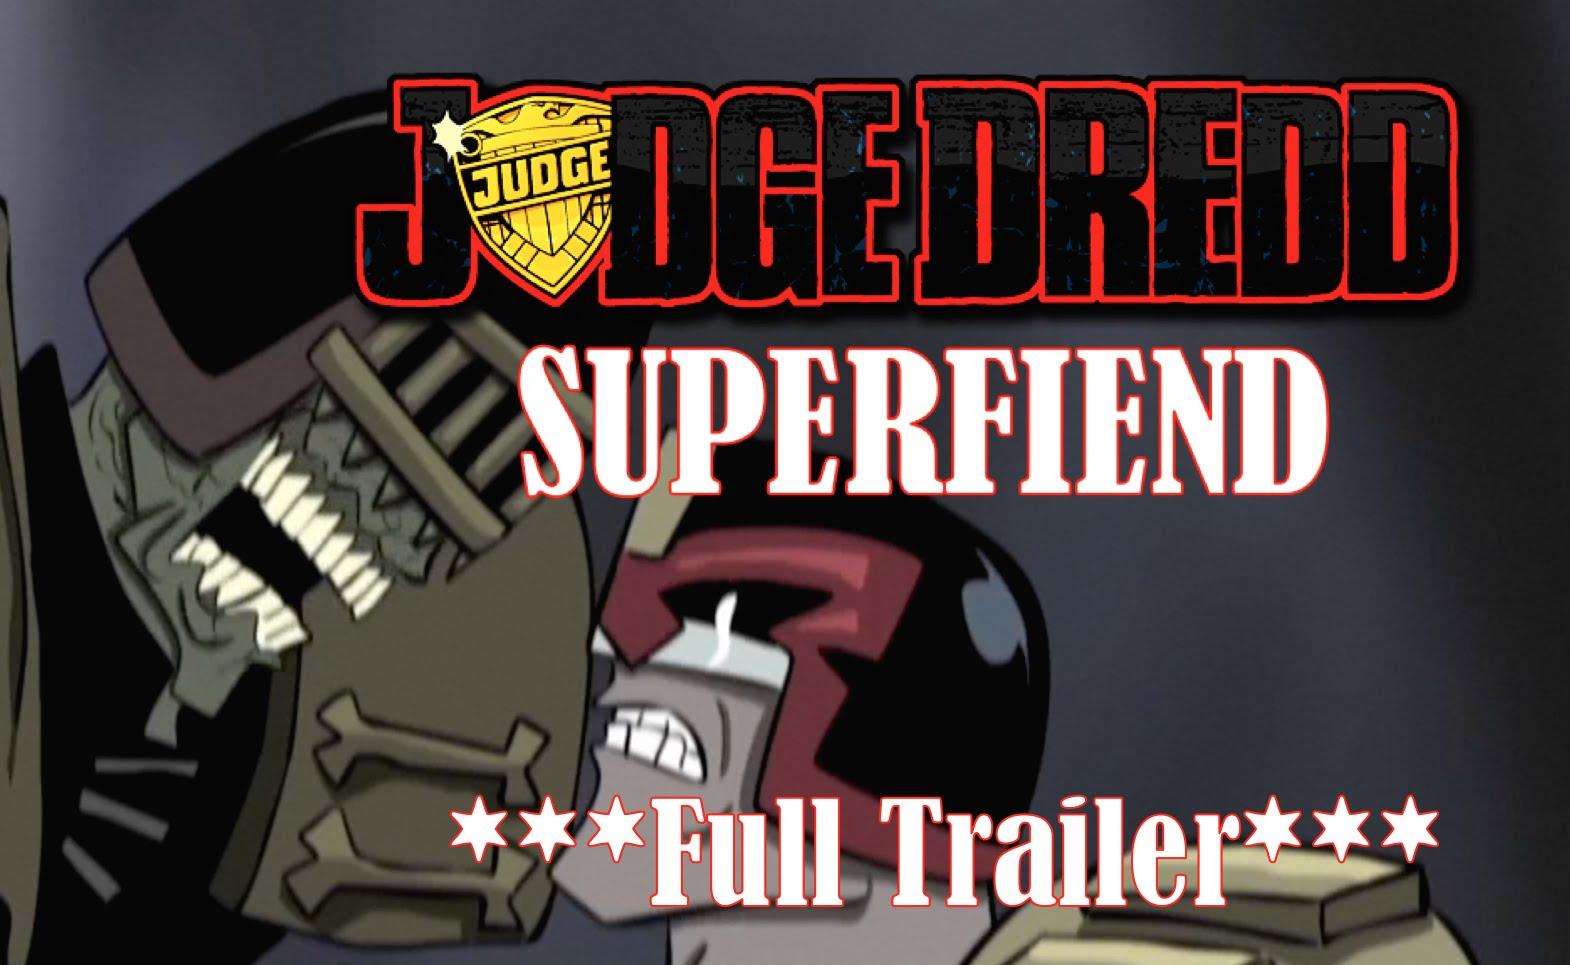 maxresdefault95HSR9K5 Der Trailer zu Judge Dredd: Superfiend ist genauso weird, wie wir alle hofften